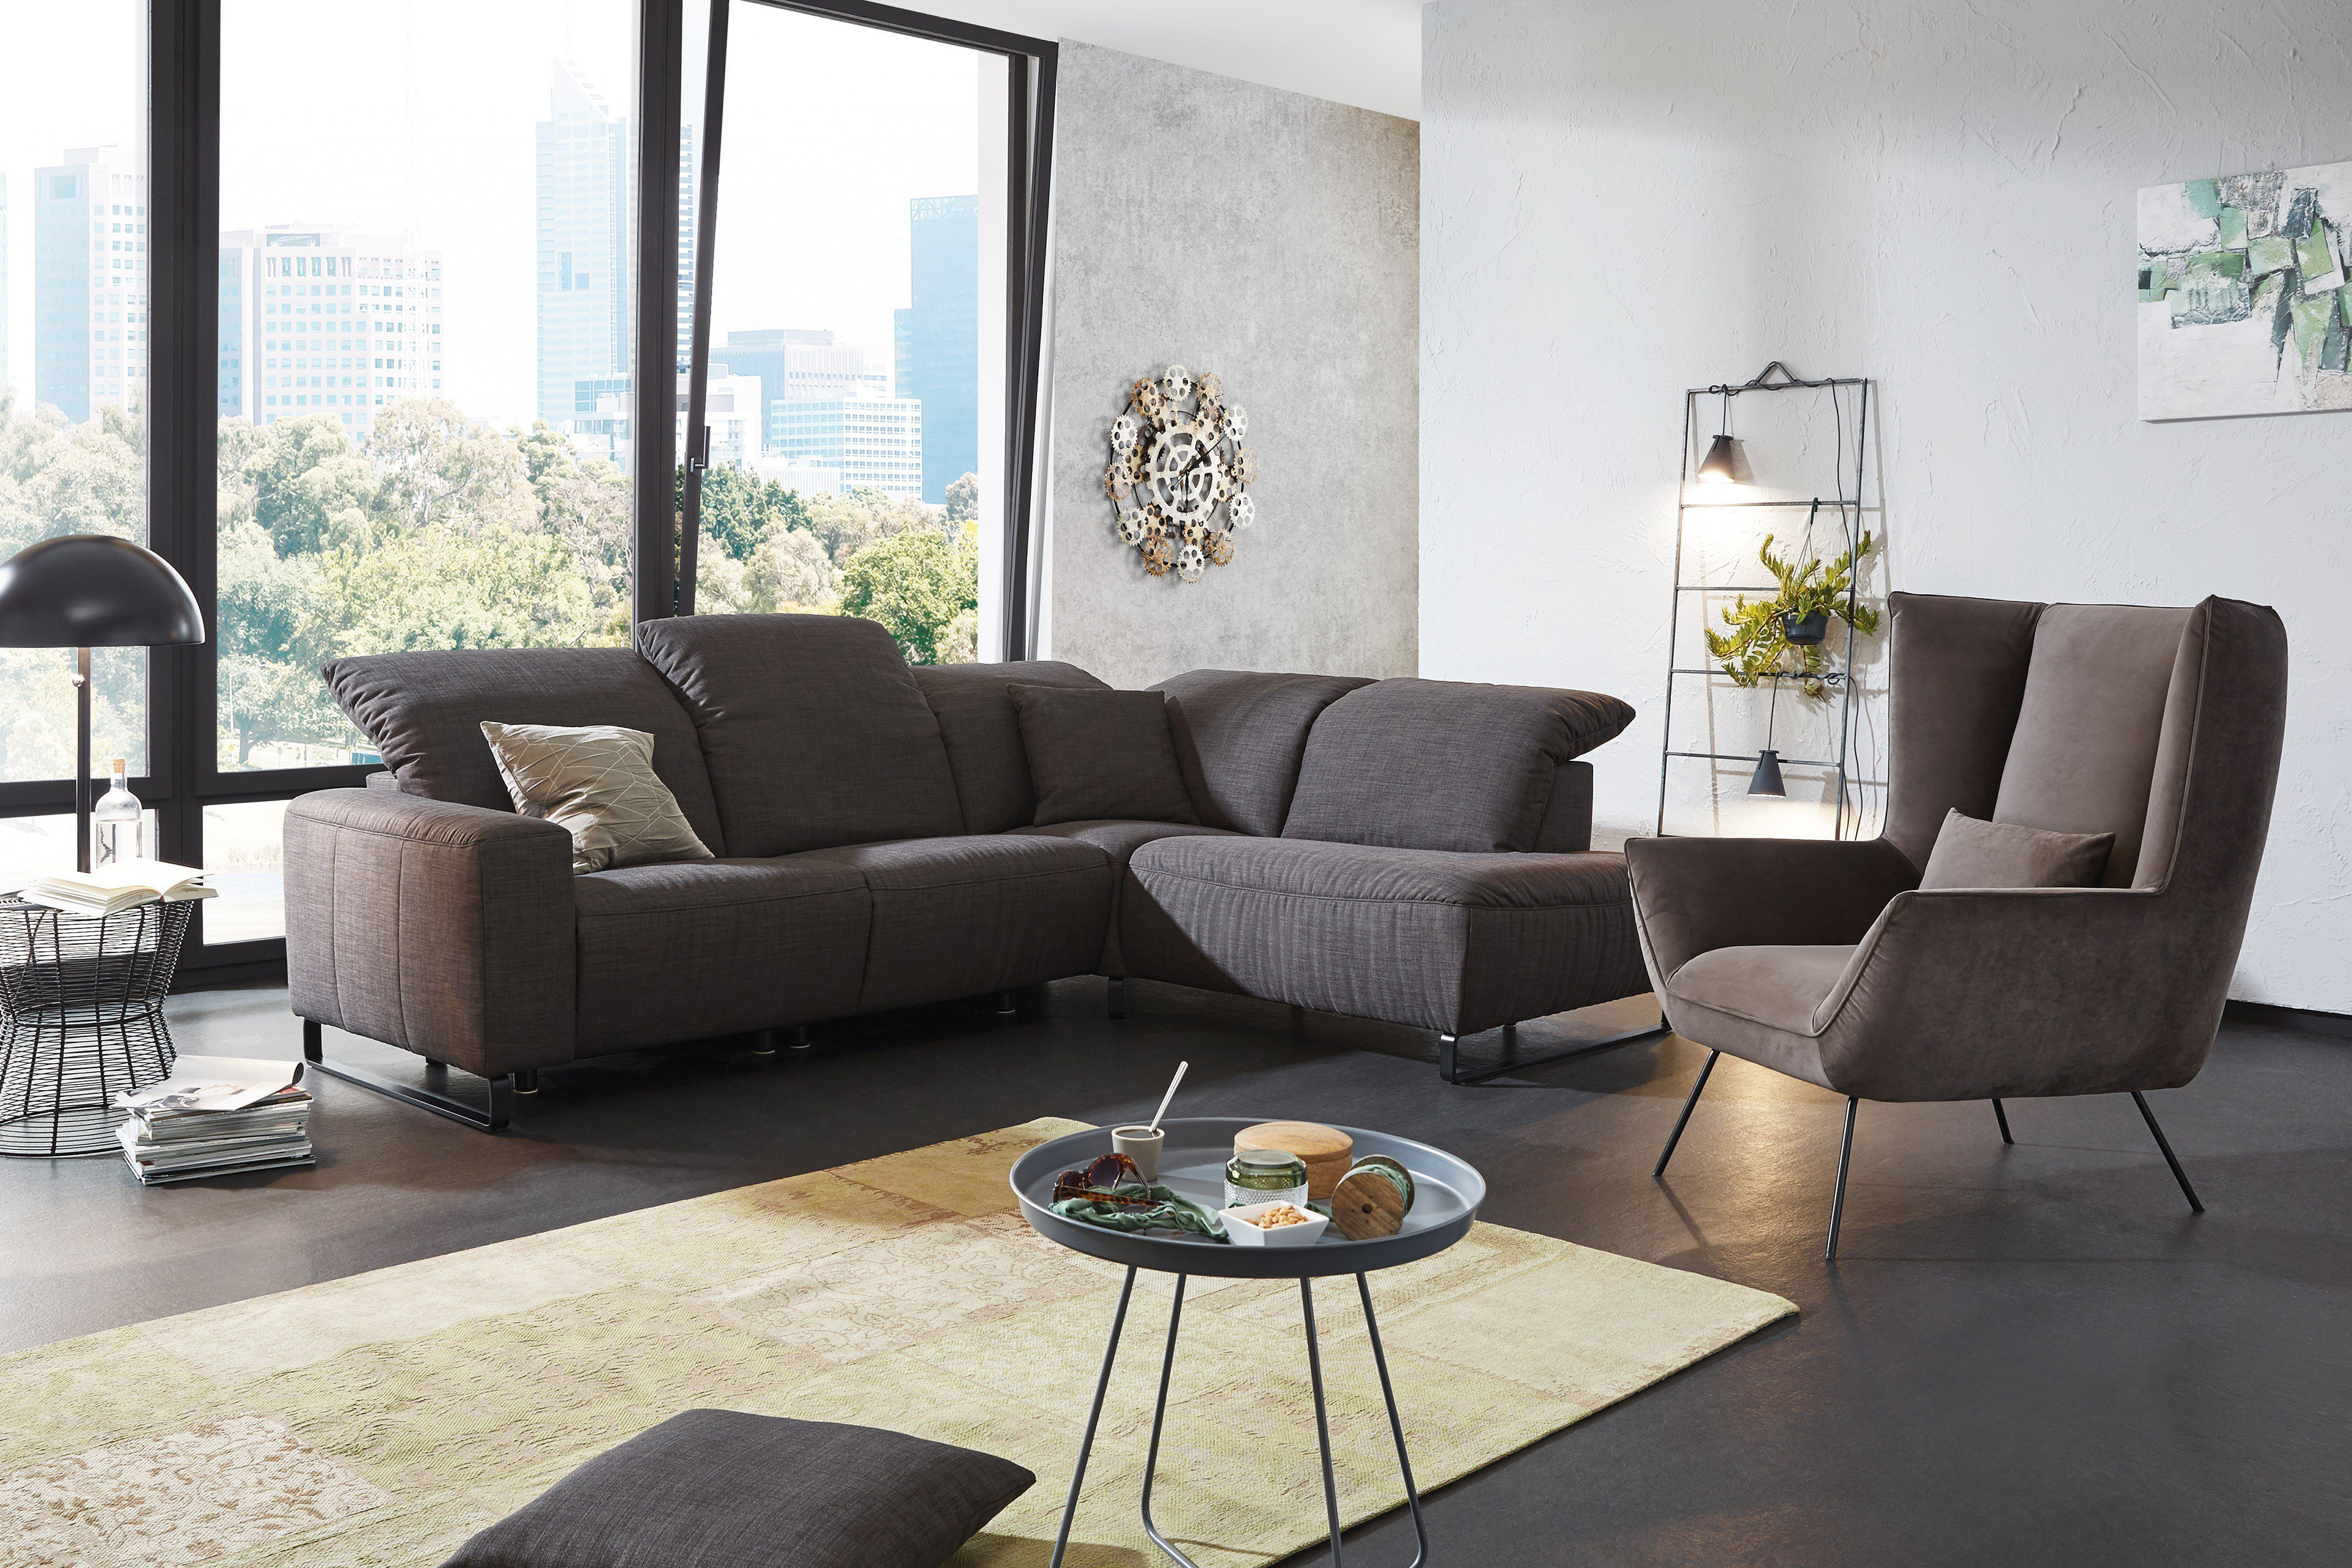 candy empire eckgarnitur in graphite m bel letz ihr. Black Bedroom Furniture Sets. Home Design Ideas